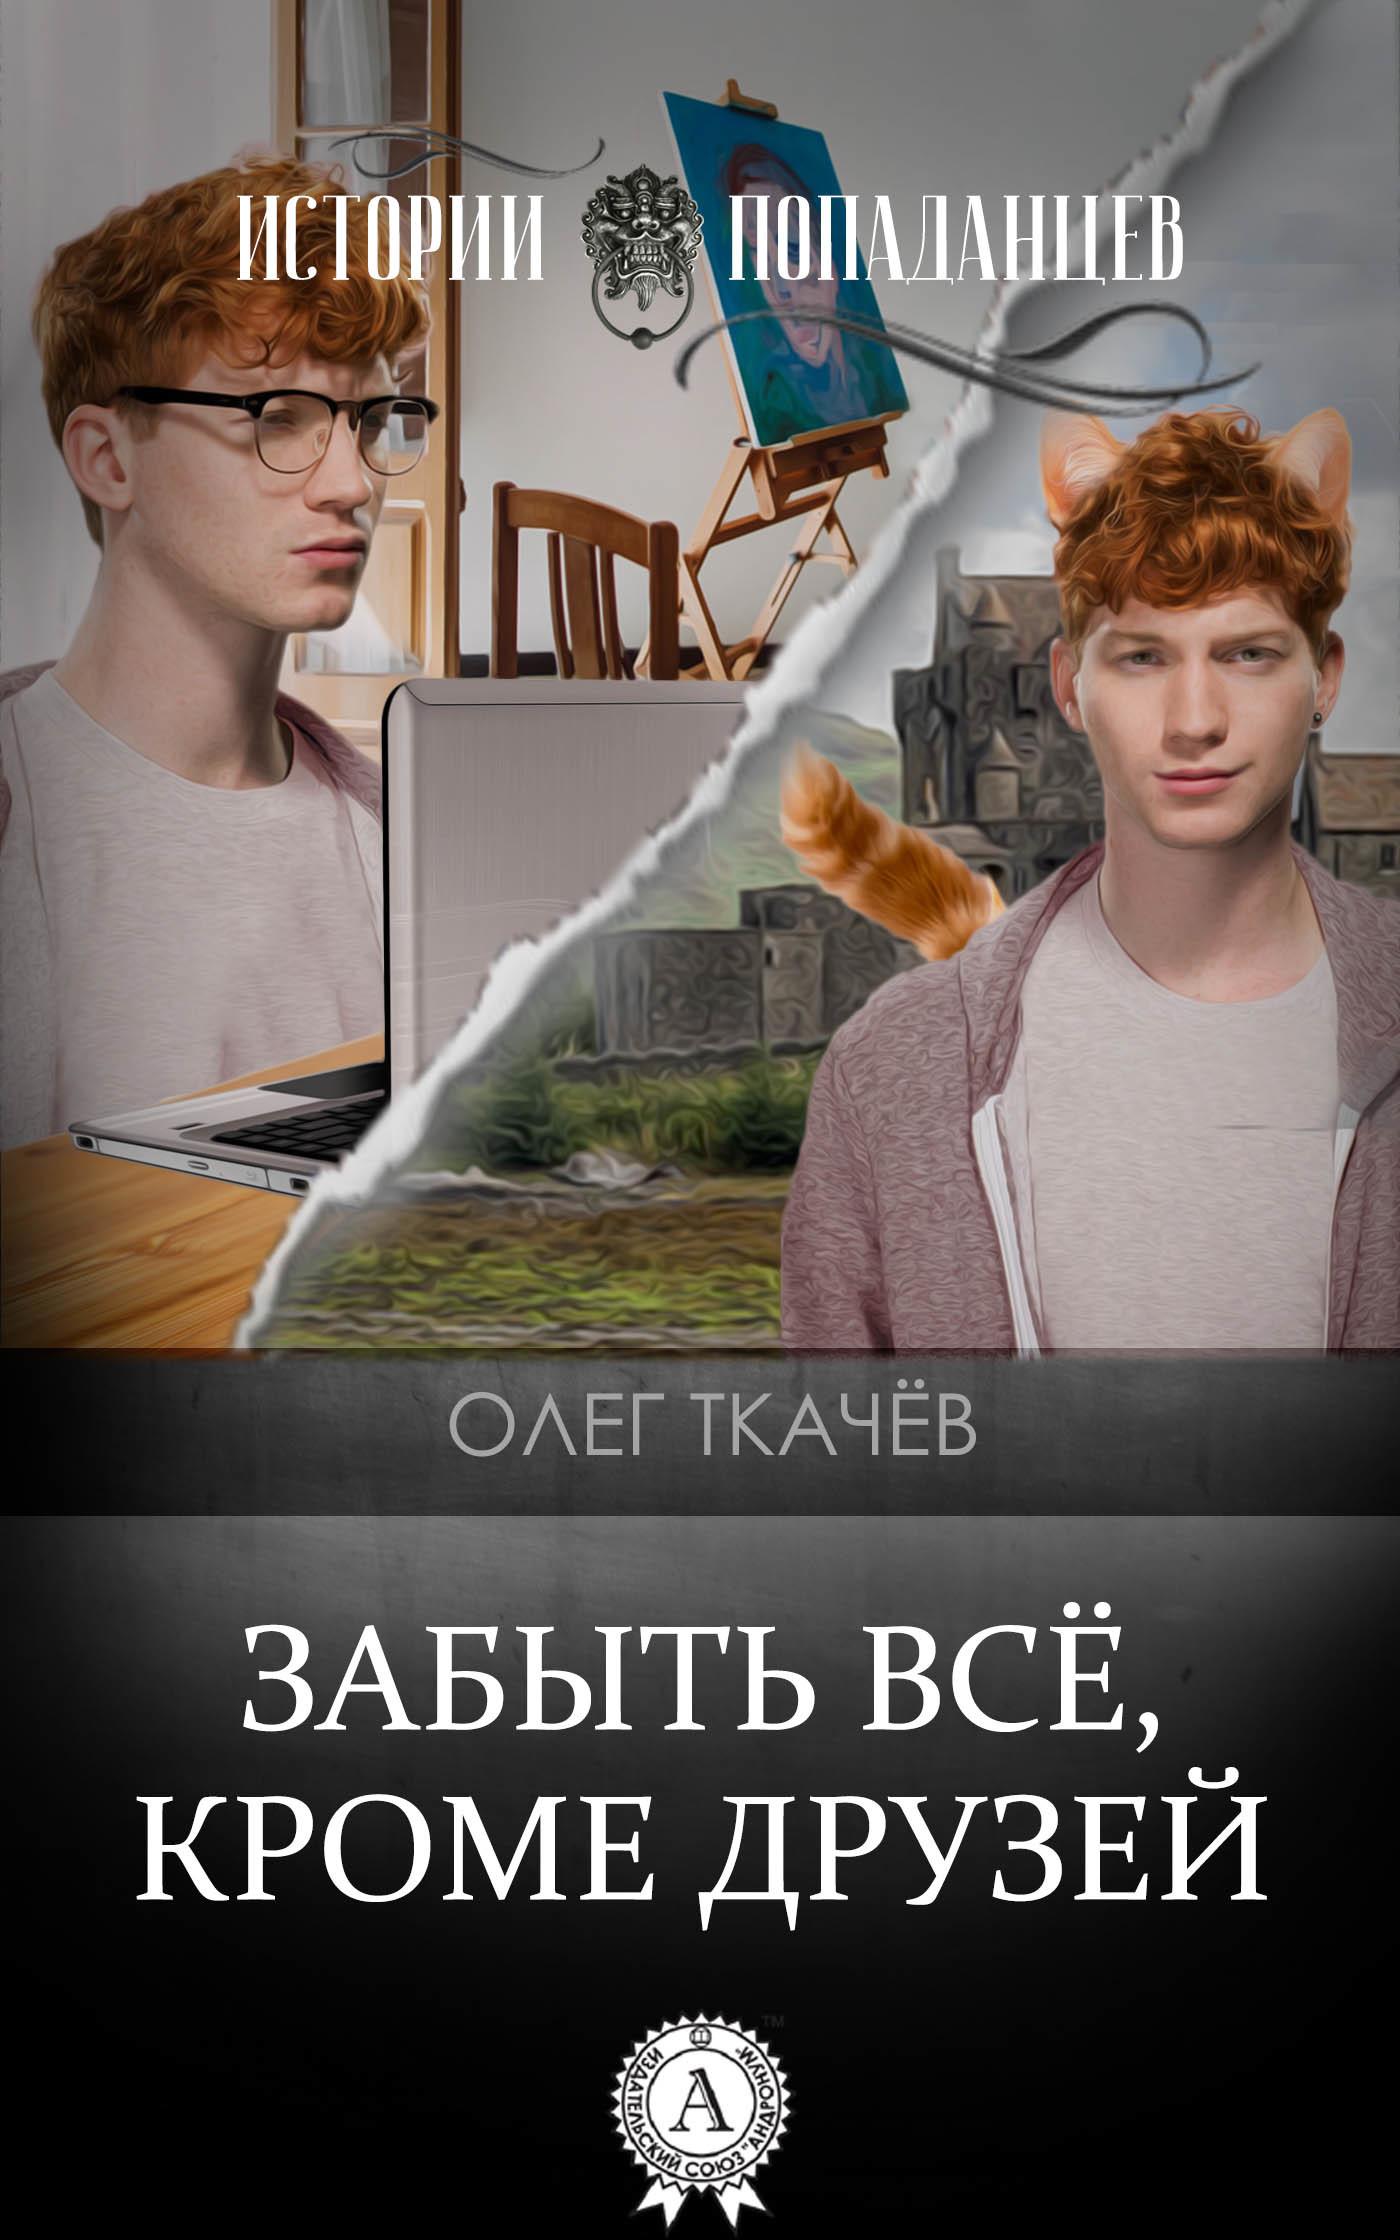 Обложка книги Забыть всё, кроме друзей, автор Ткачёв, Олег